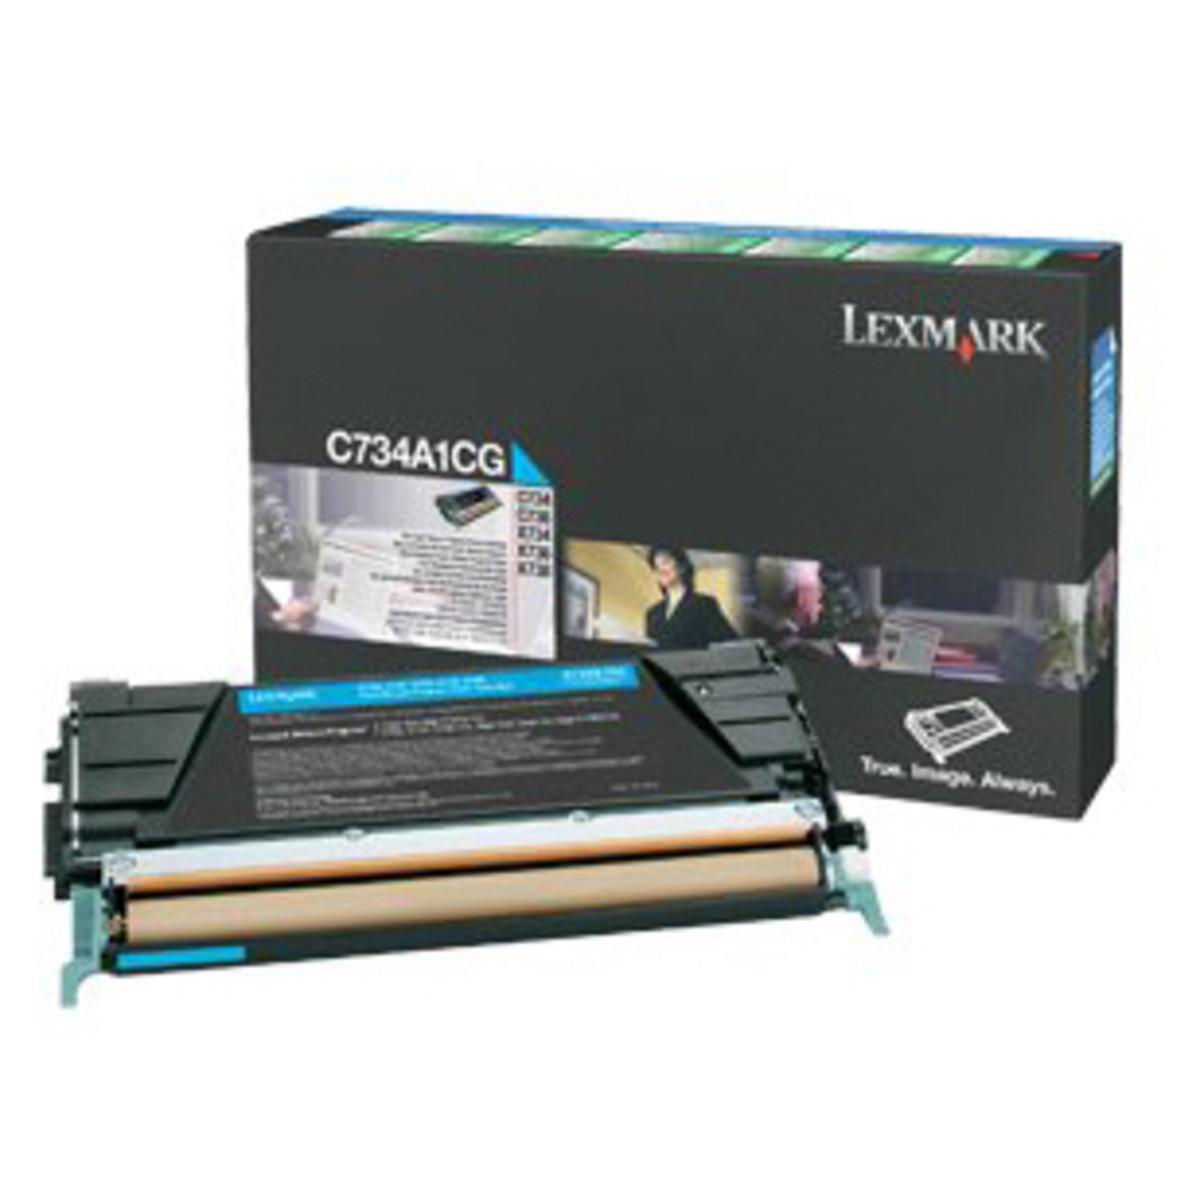 Lexmark C734A1CG Cyan Prebate Toner Cartridge